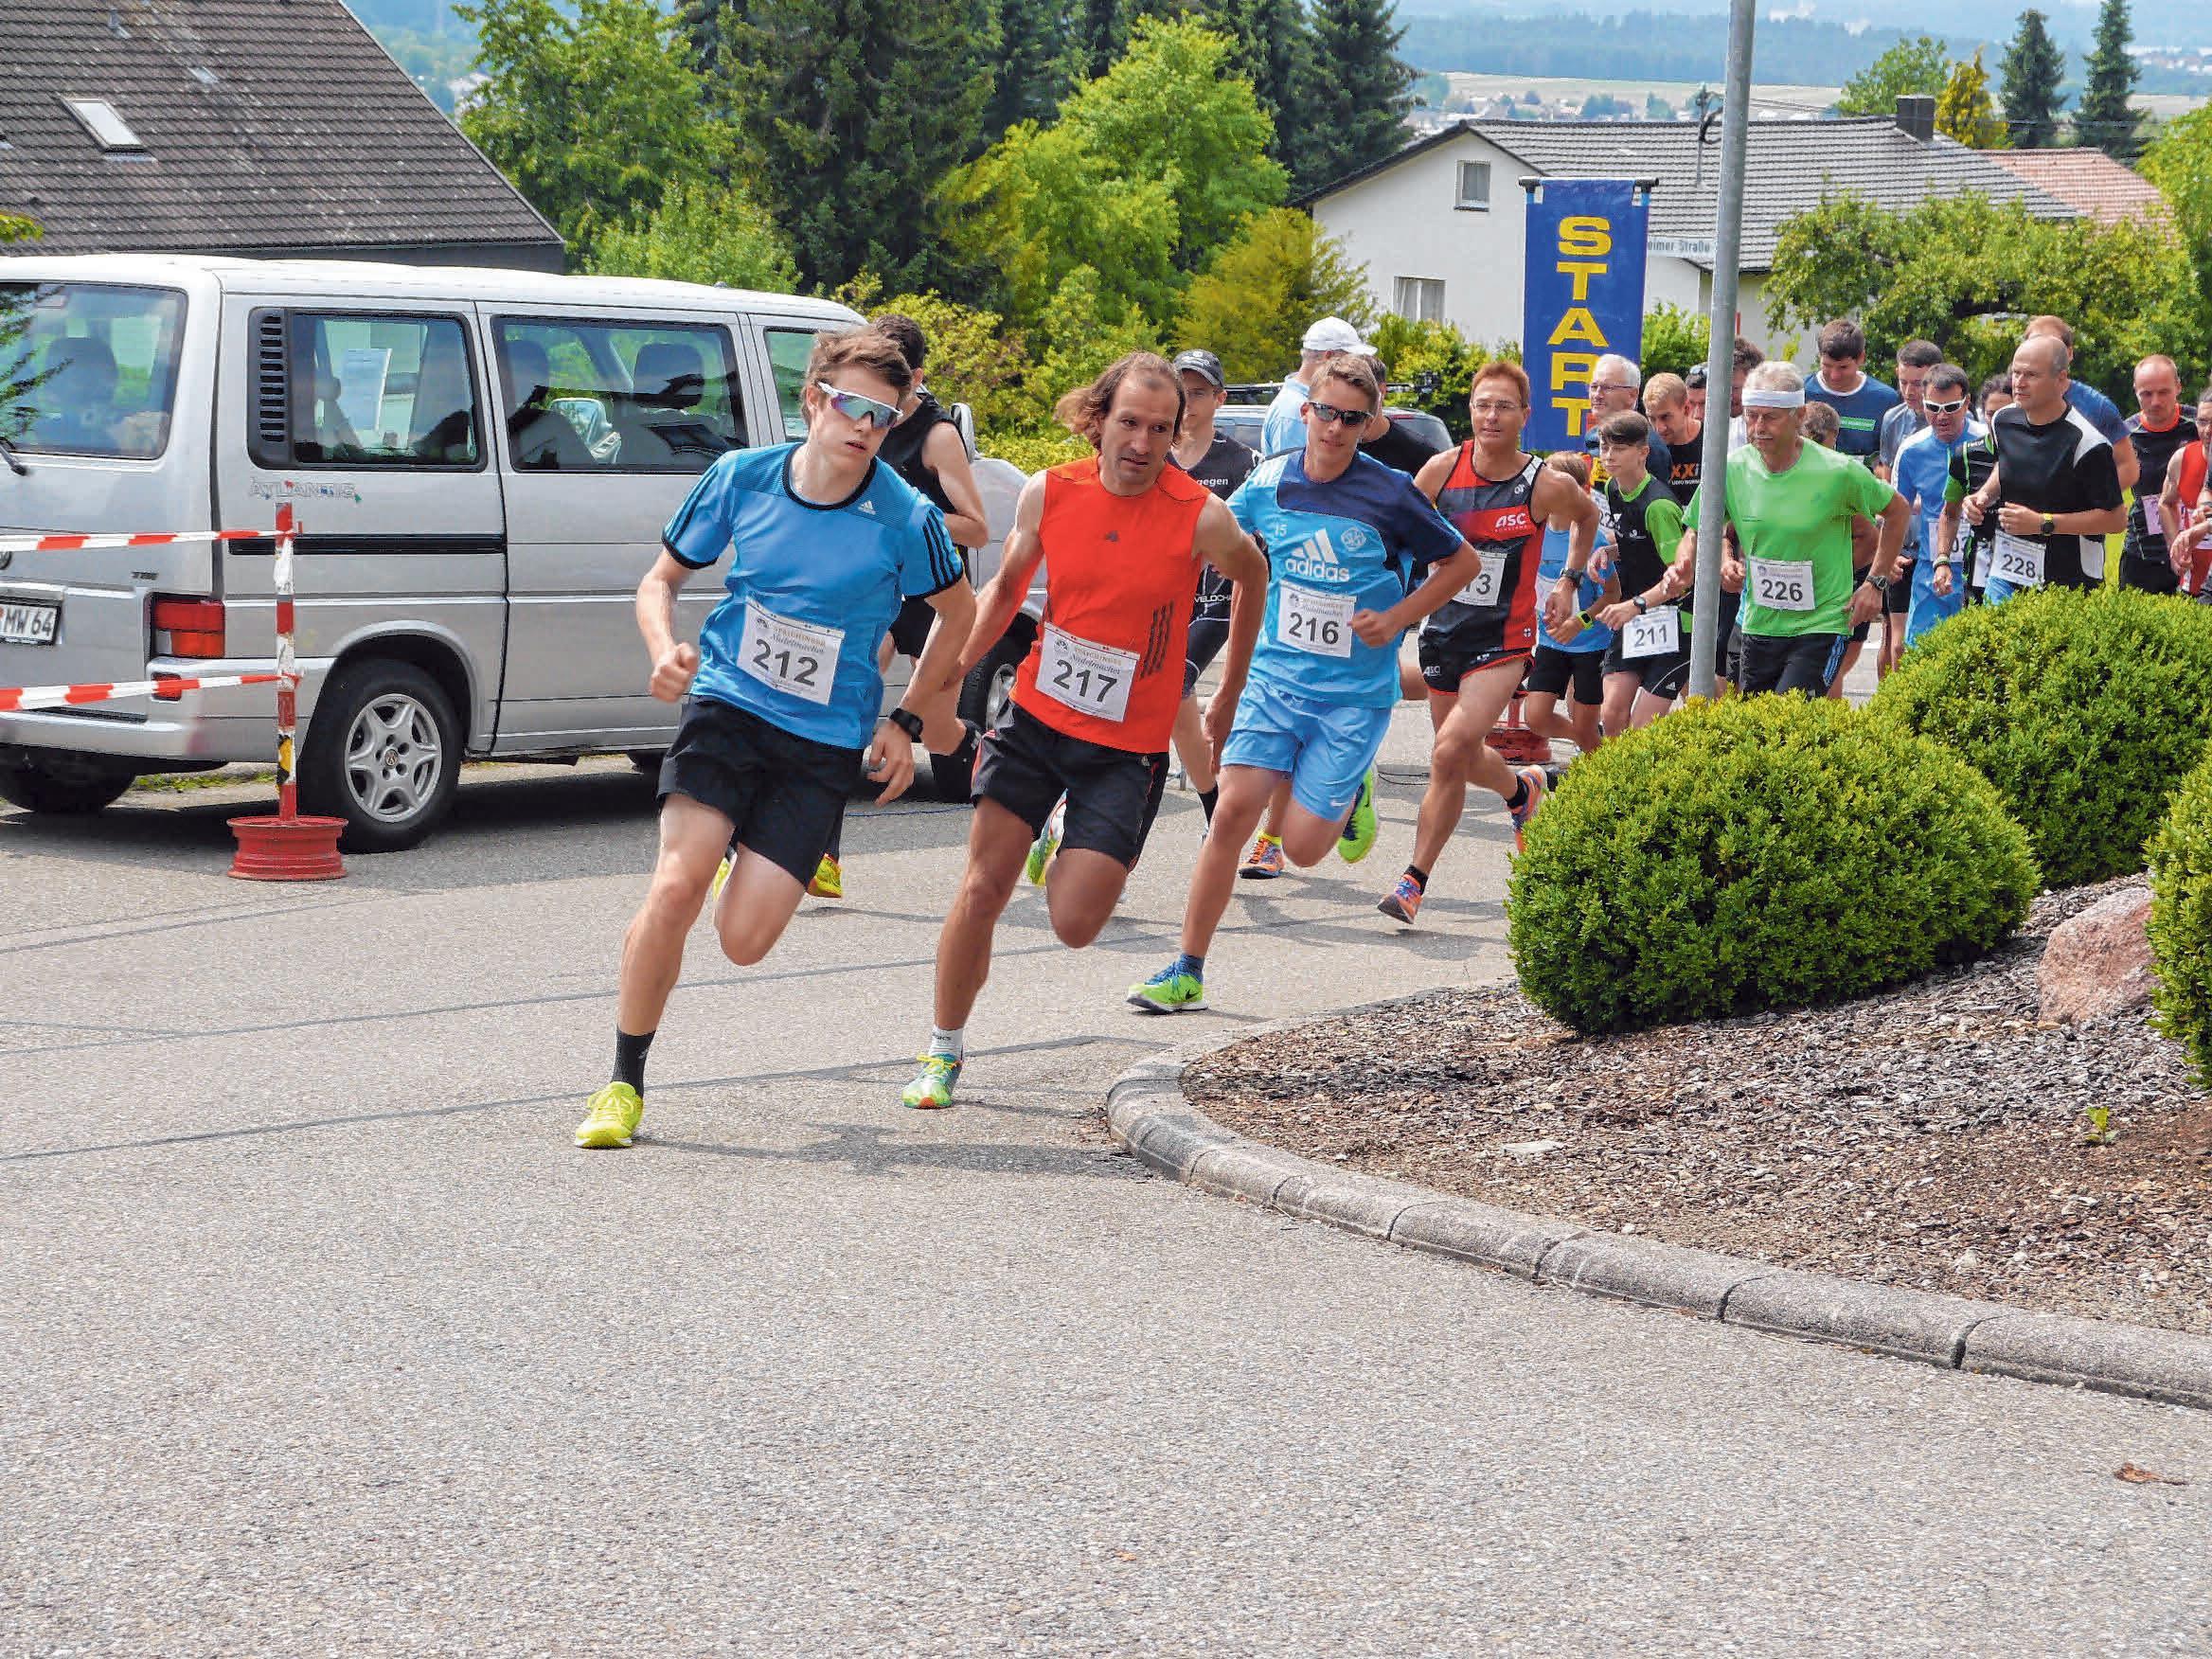 Die Läufer beim Bergrennen legen sich immer ordentlich ins Zeug. FOTOS: ARCHIV/MÜLLER